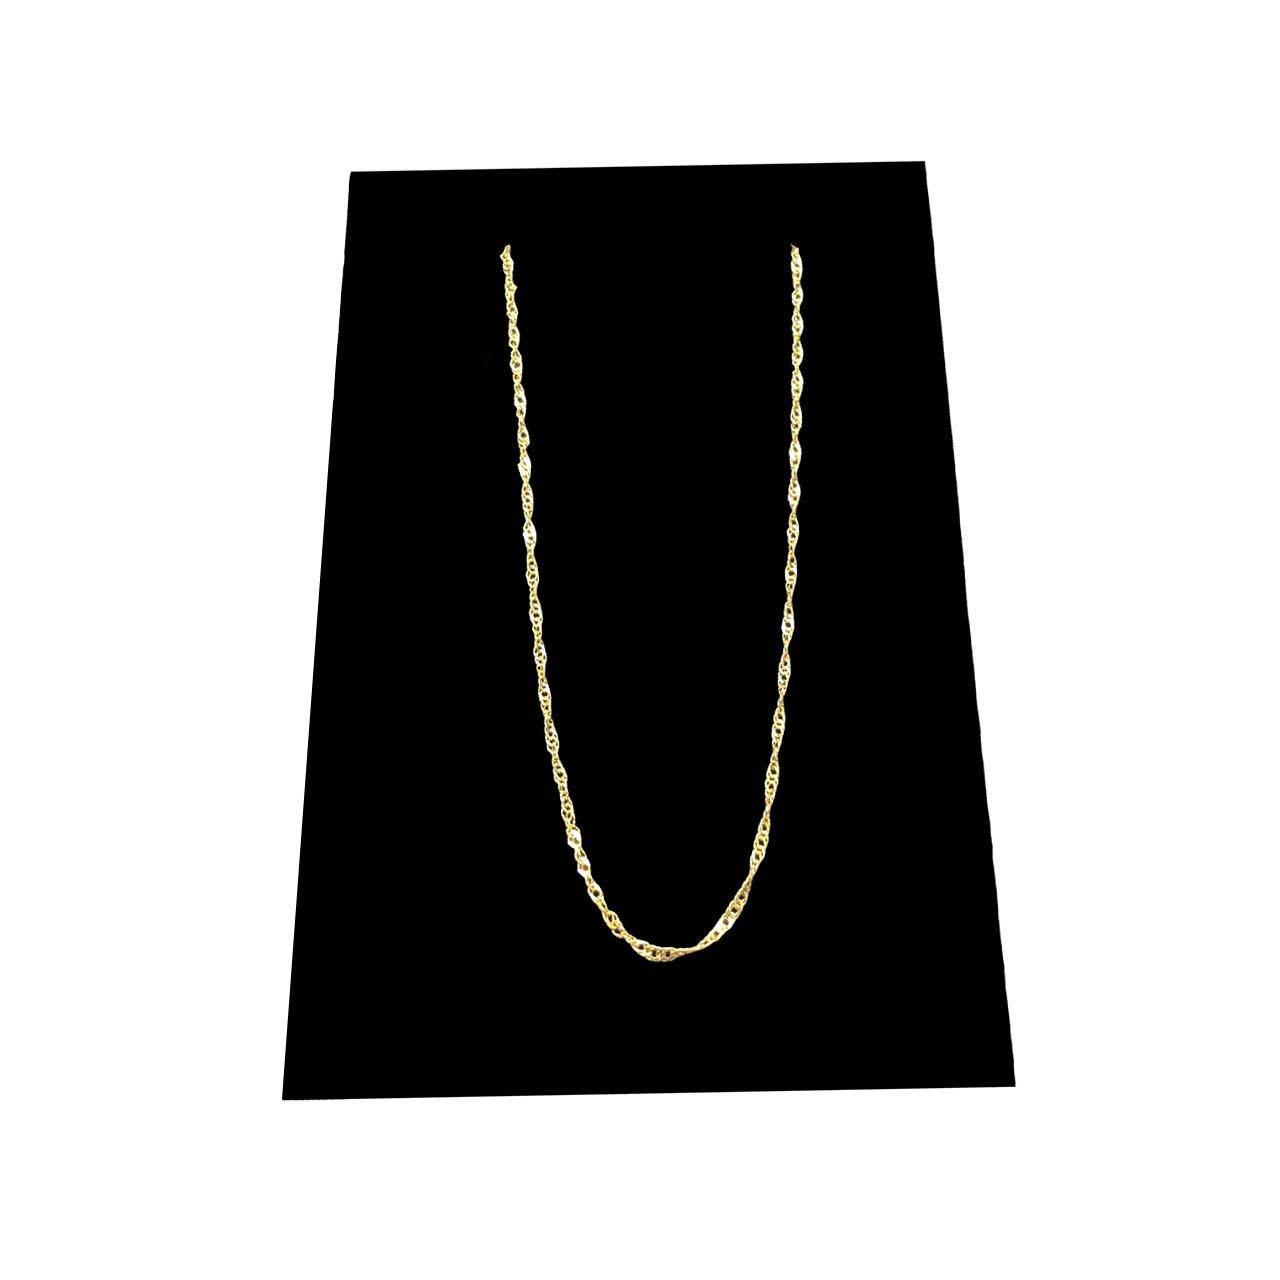 قیمت زنجیر طلا 18 عیار گیرا گالری مدل G113